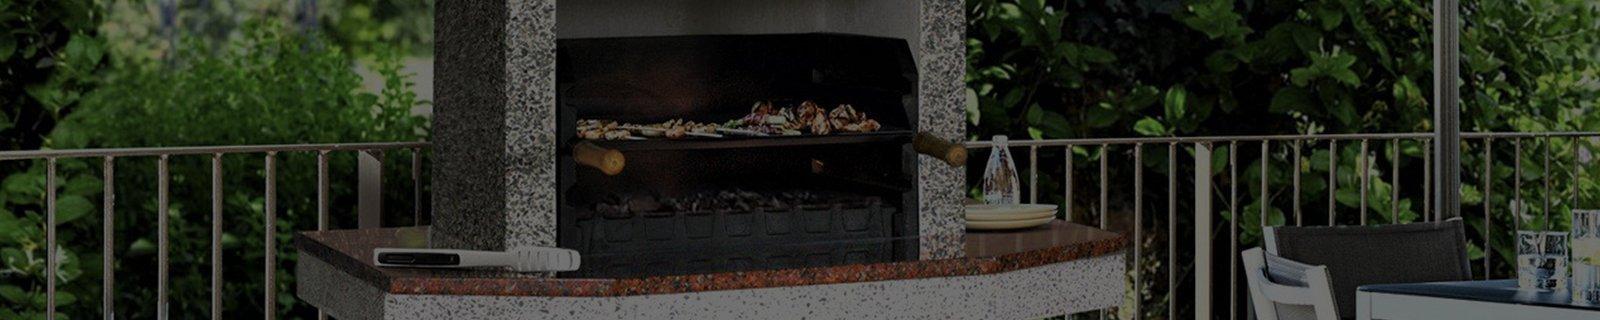 Чугунные грили-мангалы | Готовые решения с установкой - Kaminoff™